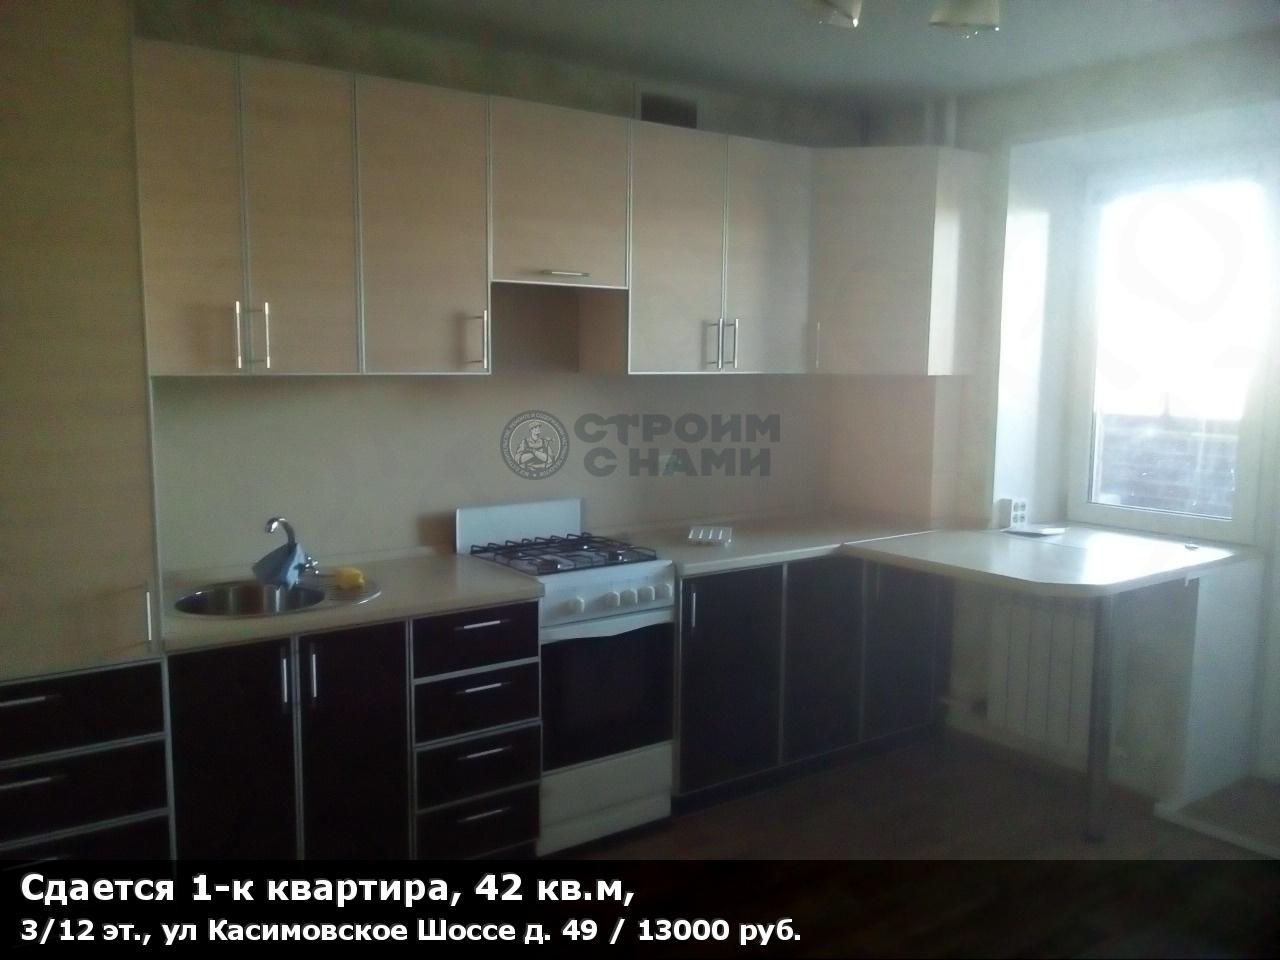 Сдается 1-к квартира, 42 кв.м, 3/12 эт., ул Касимовское Шоссе д. 49